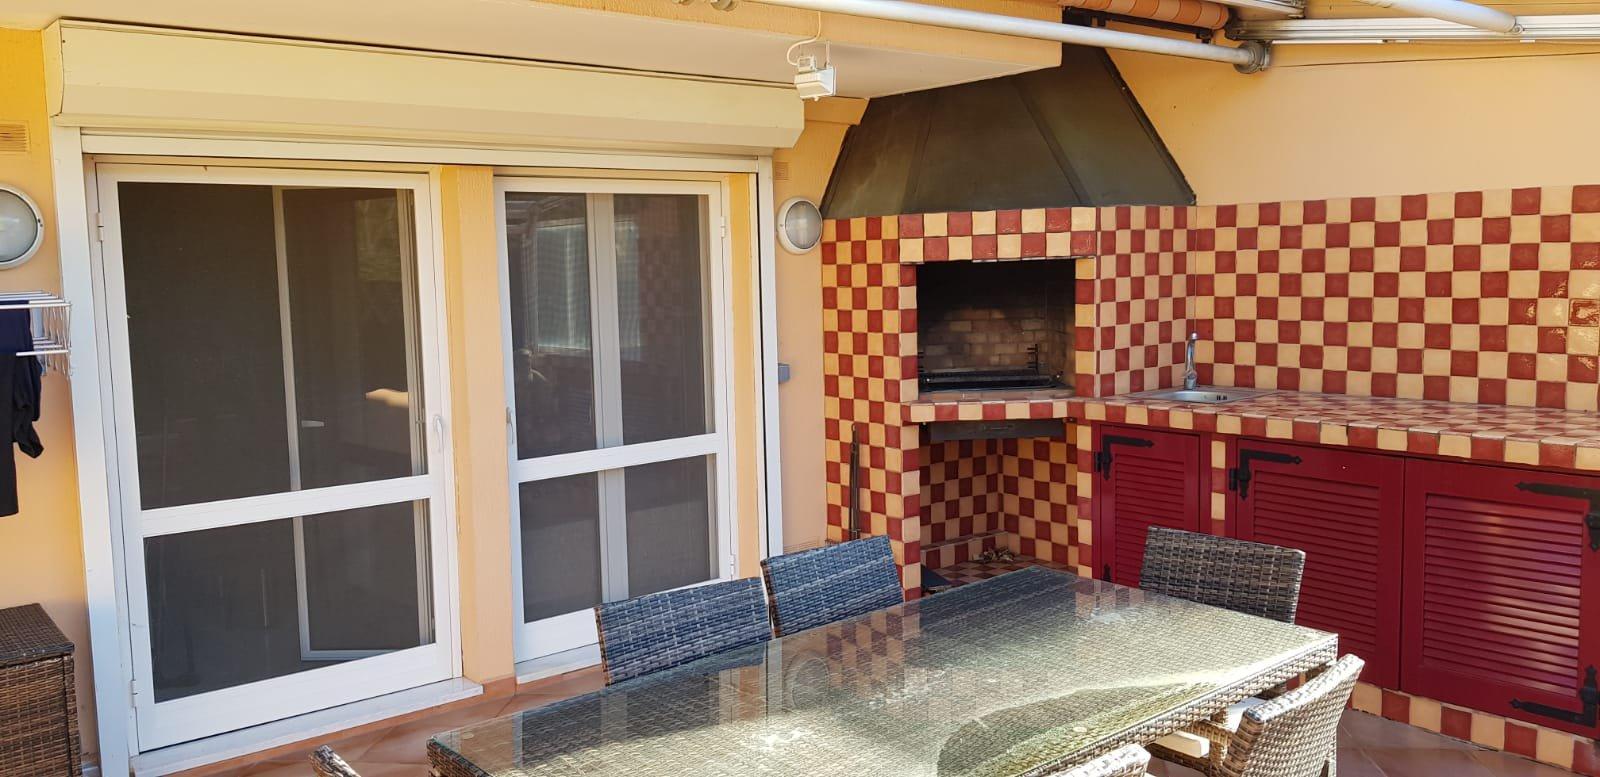 EXCLUSIVITE- Beau 5 pièces en duplex et dernier étage- Terrasses 40m² - Possibilité 2 Garages